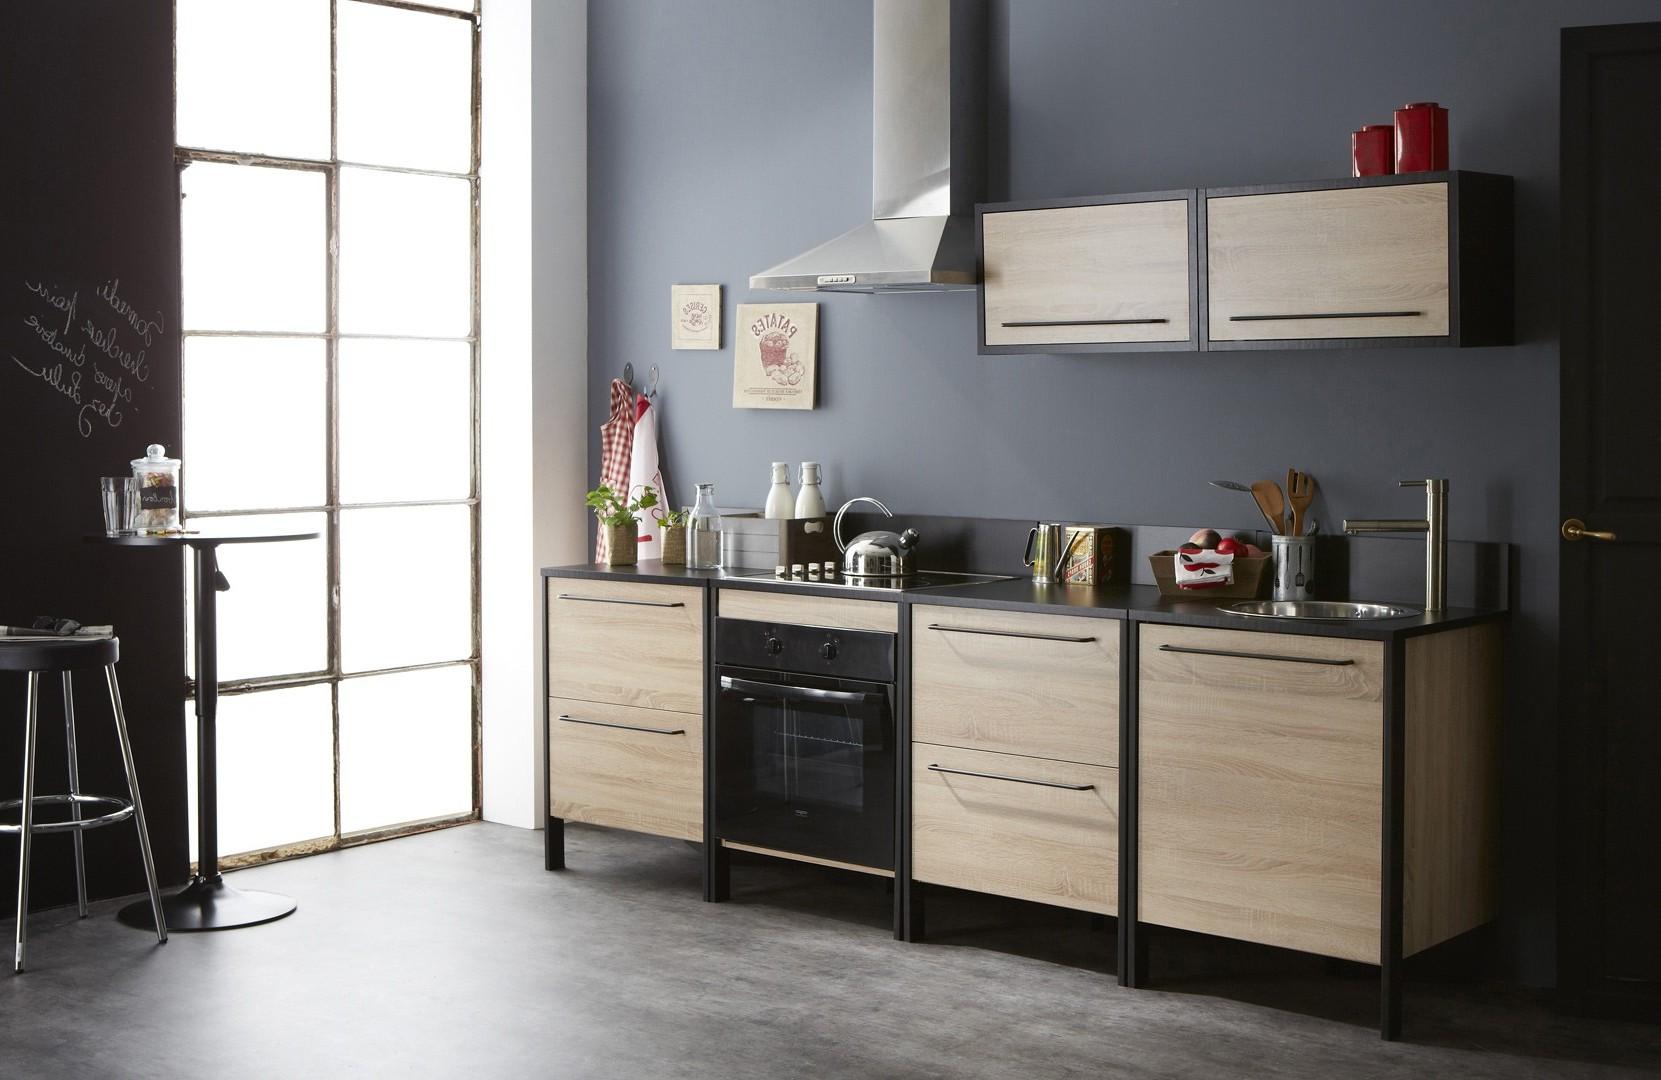 Meubles de cuisine en pin brut cuisine id es de for Ameublement cuisine